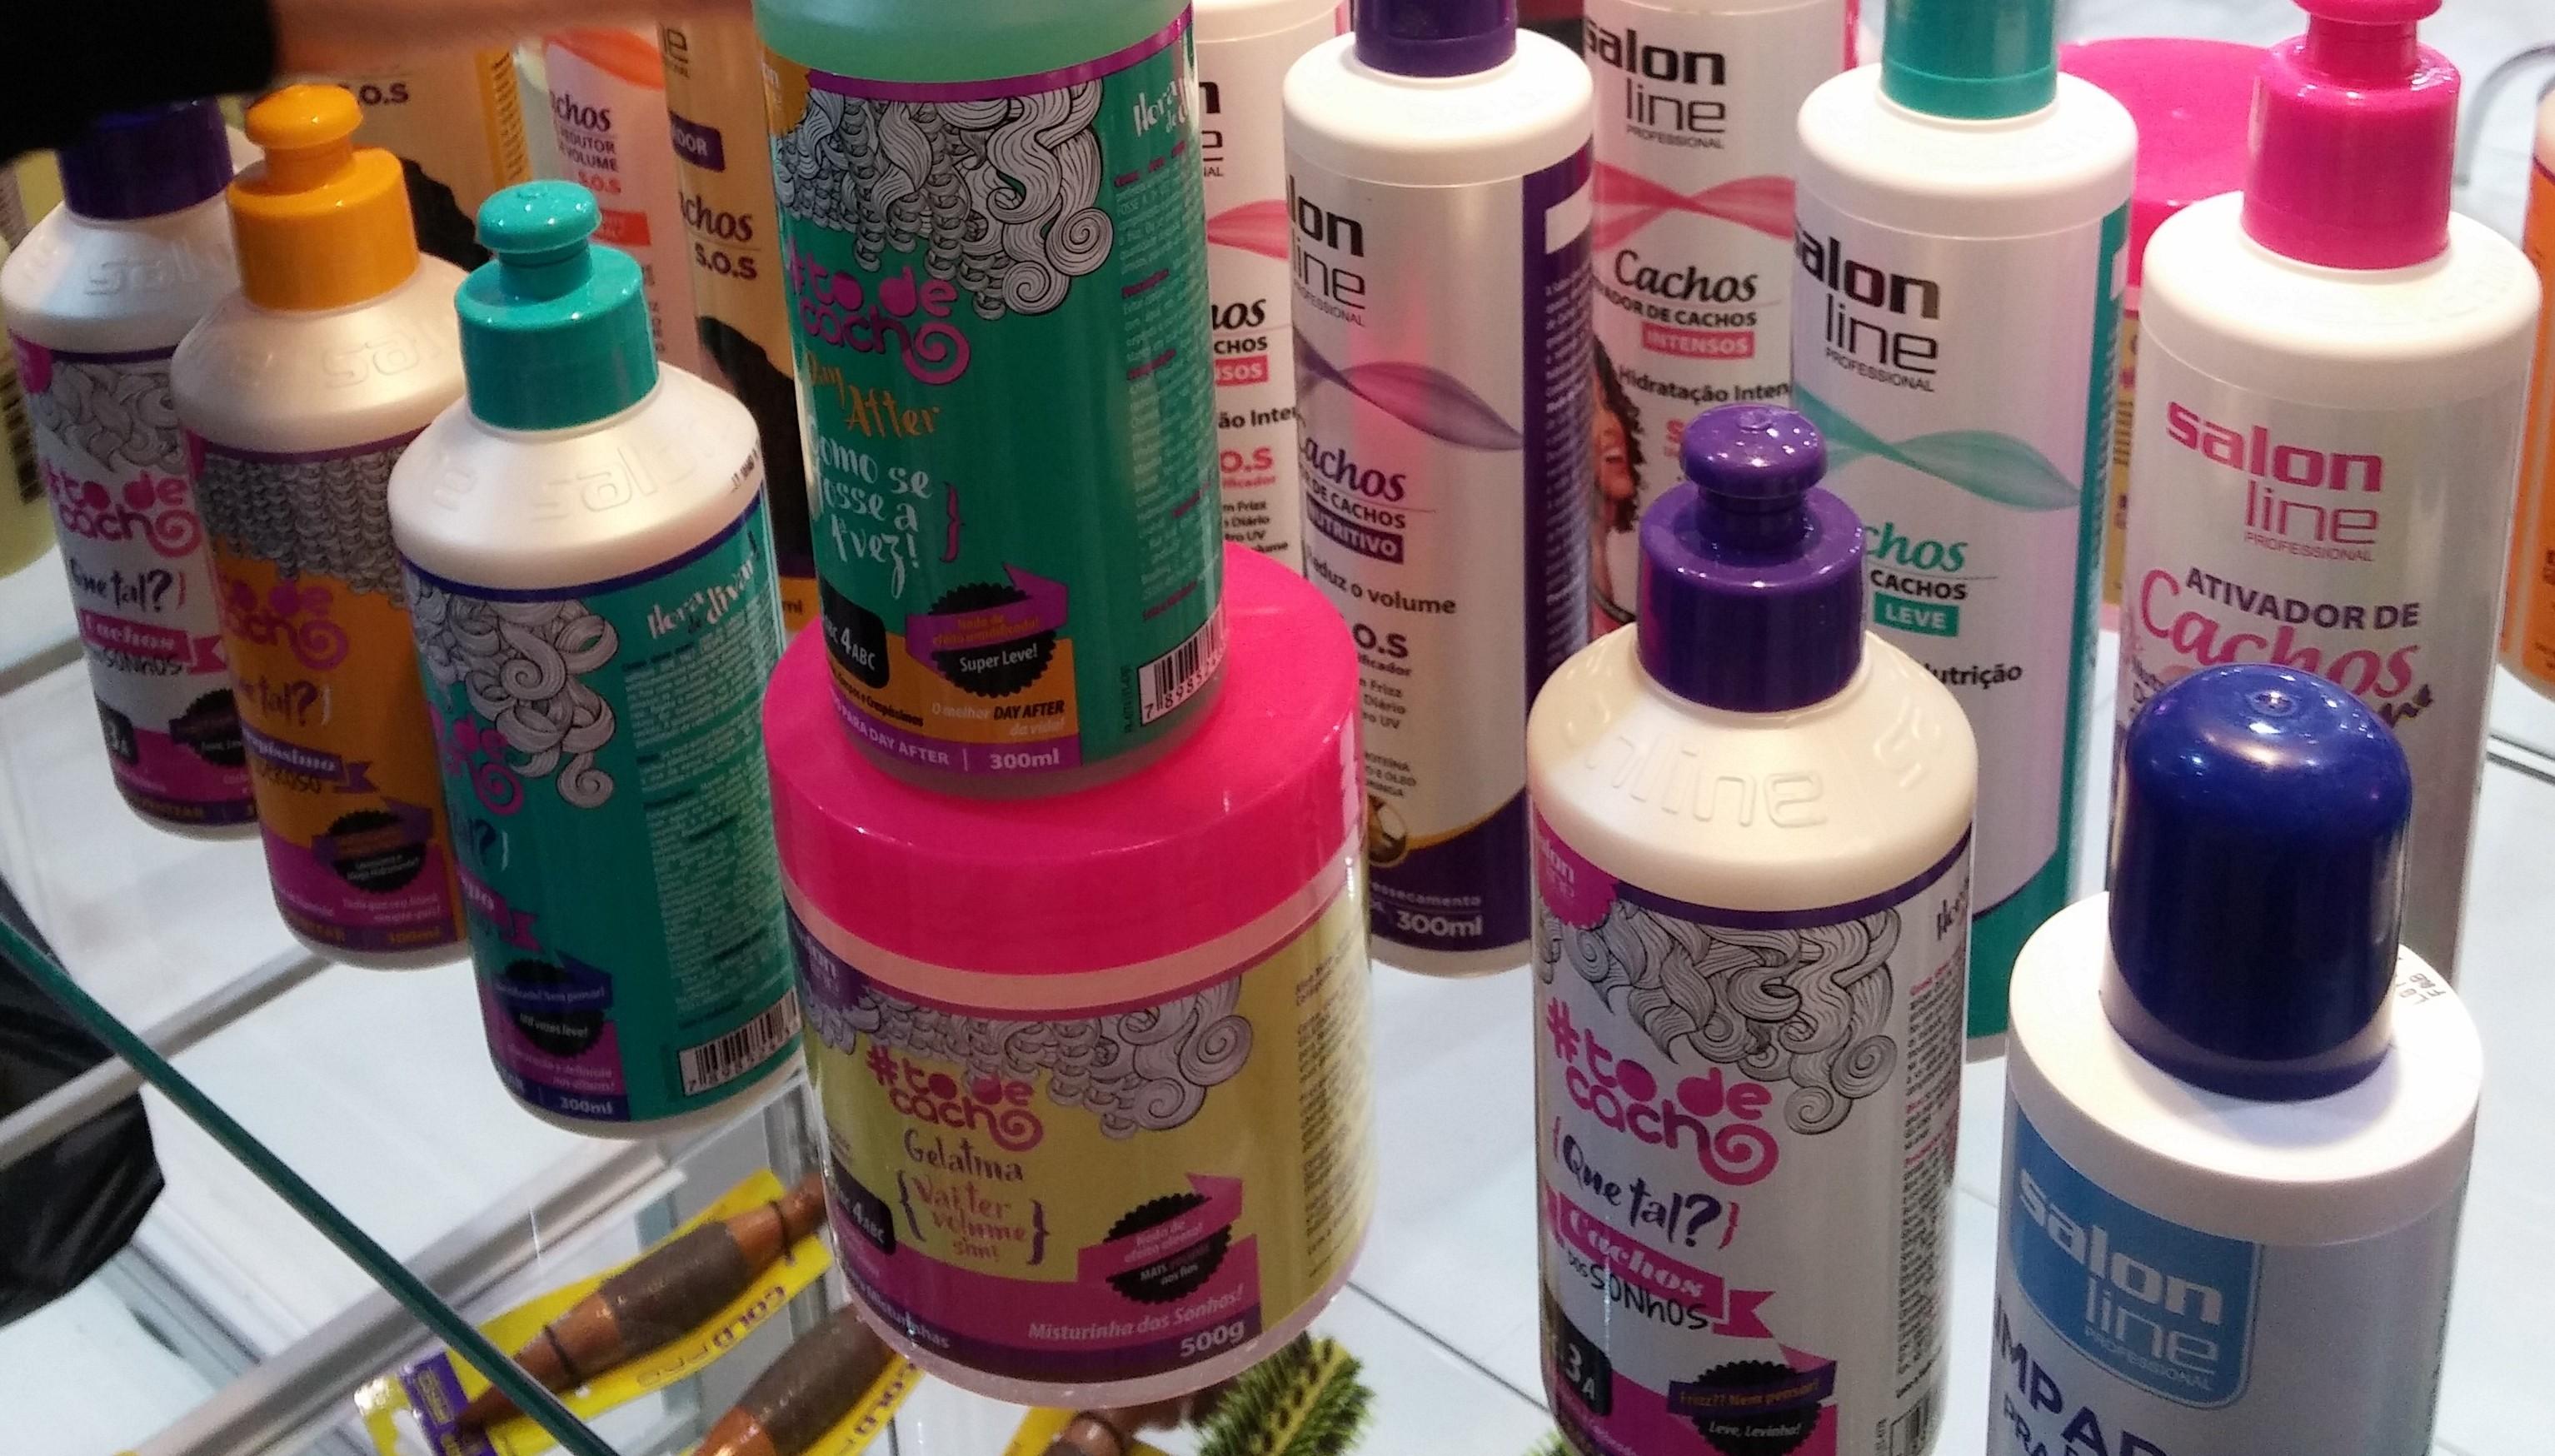 Salon Line – Lançamentos na Beauty Fair